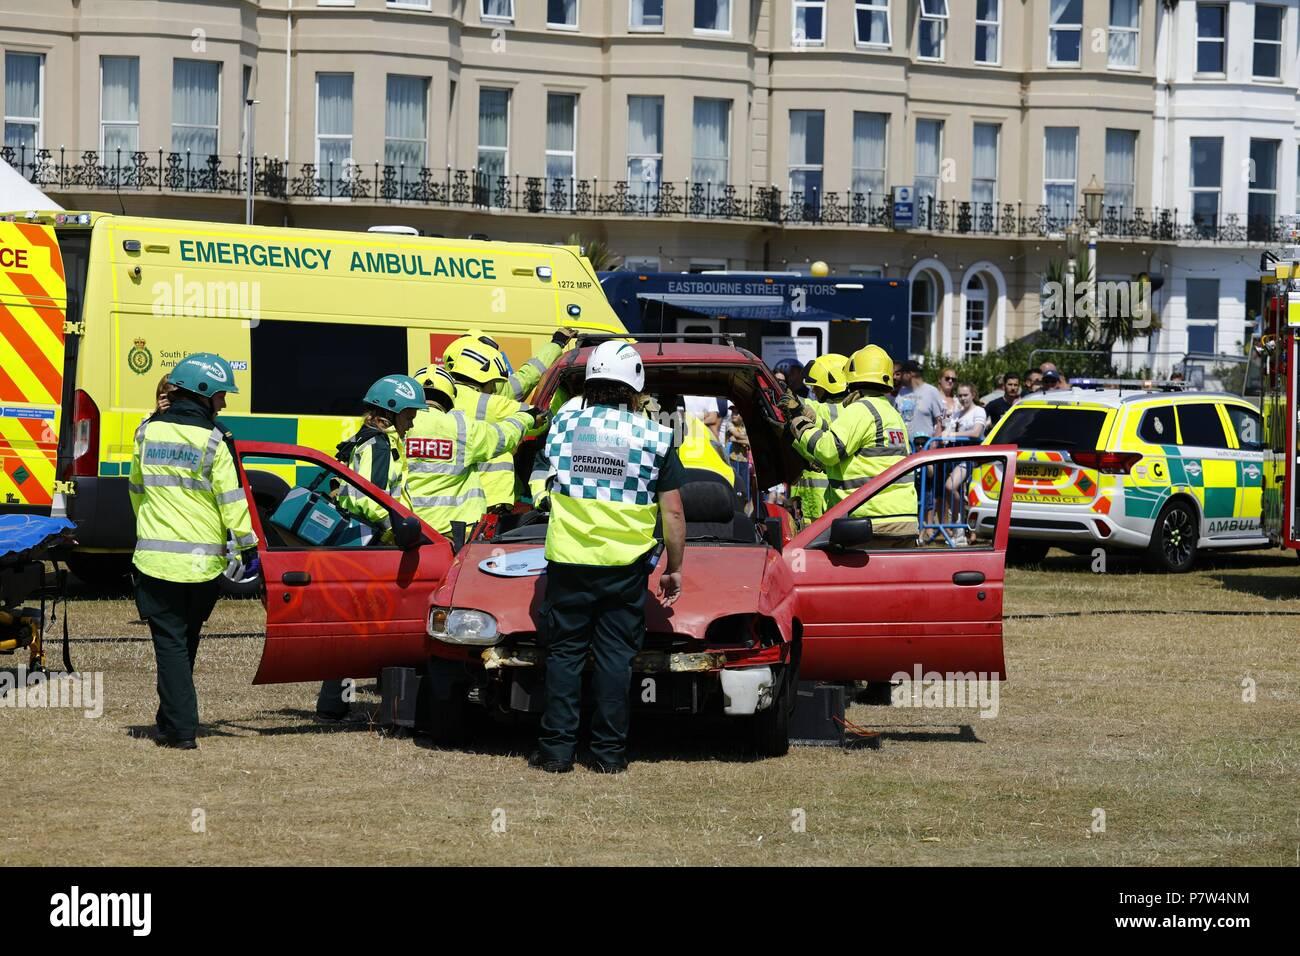 car crash uk driver stock photos & car crash uk driver stock images